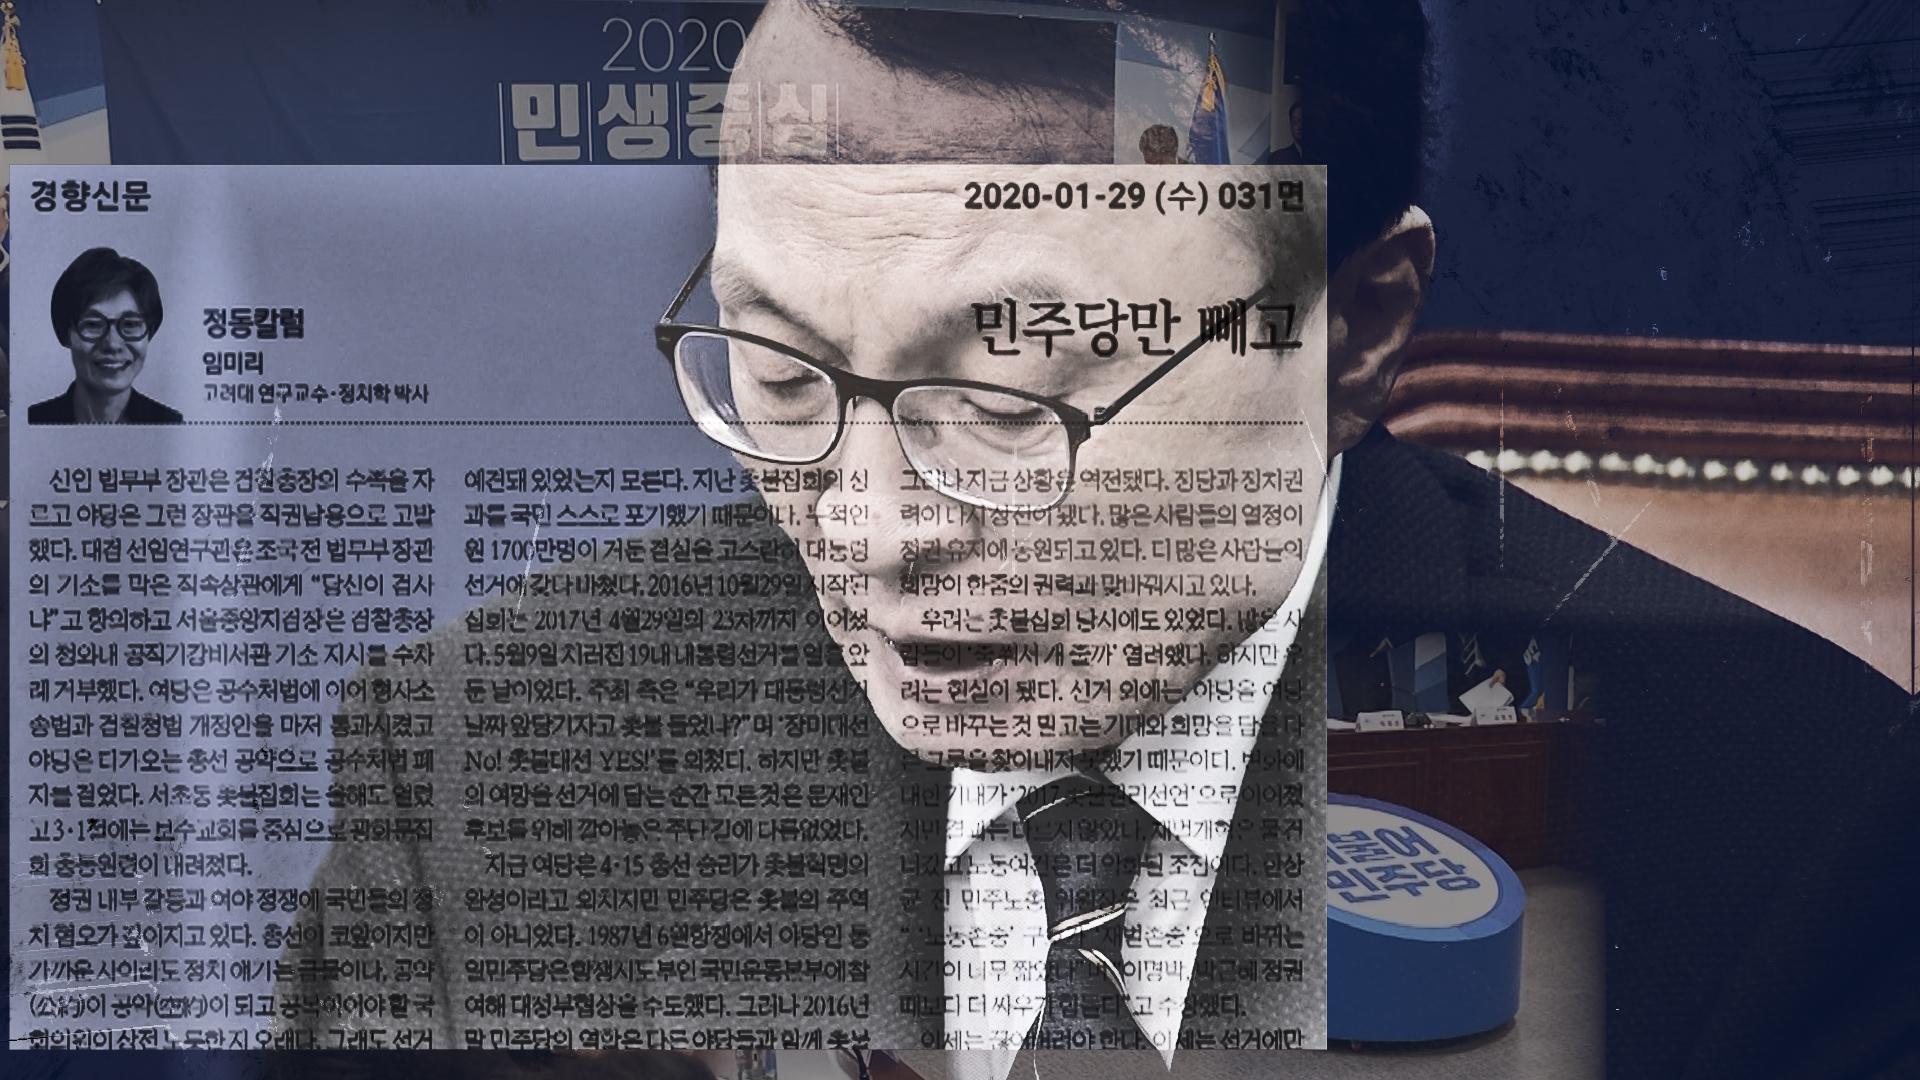 [영상] 민주당의 '뒤끝'… 임미리 교수 고발부터 취하까지